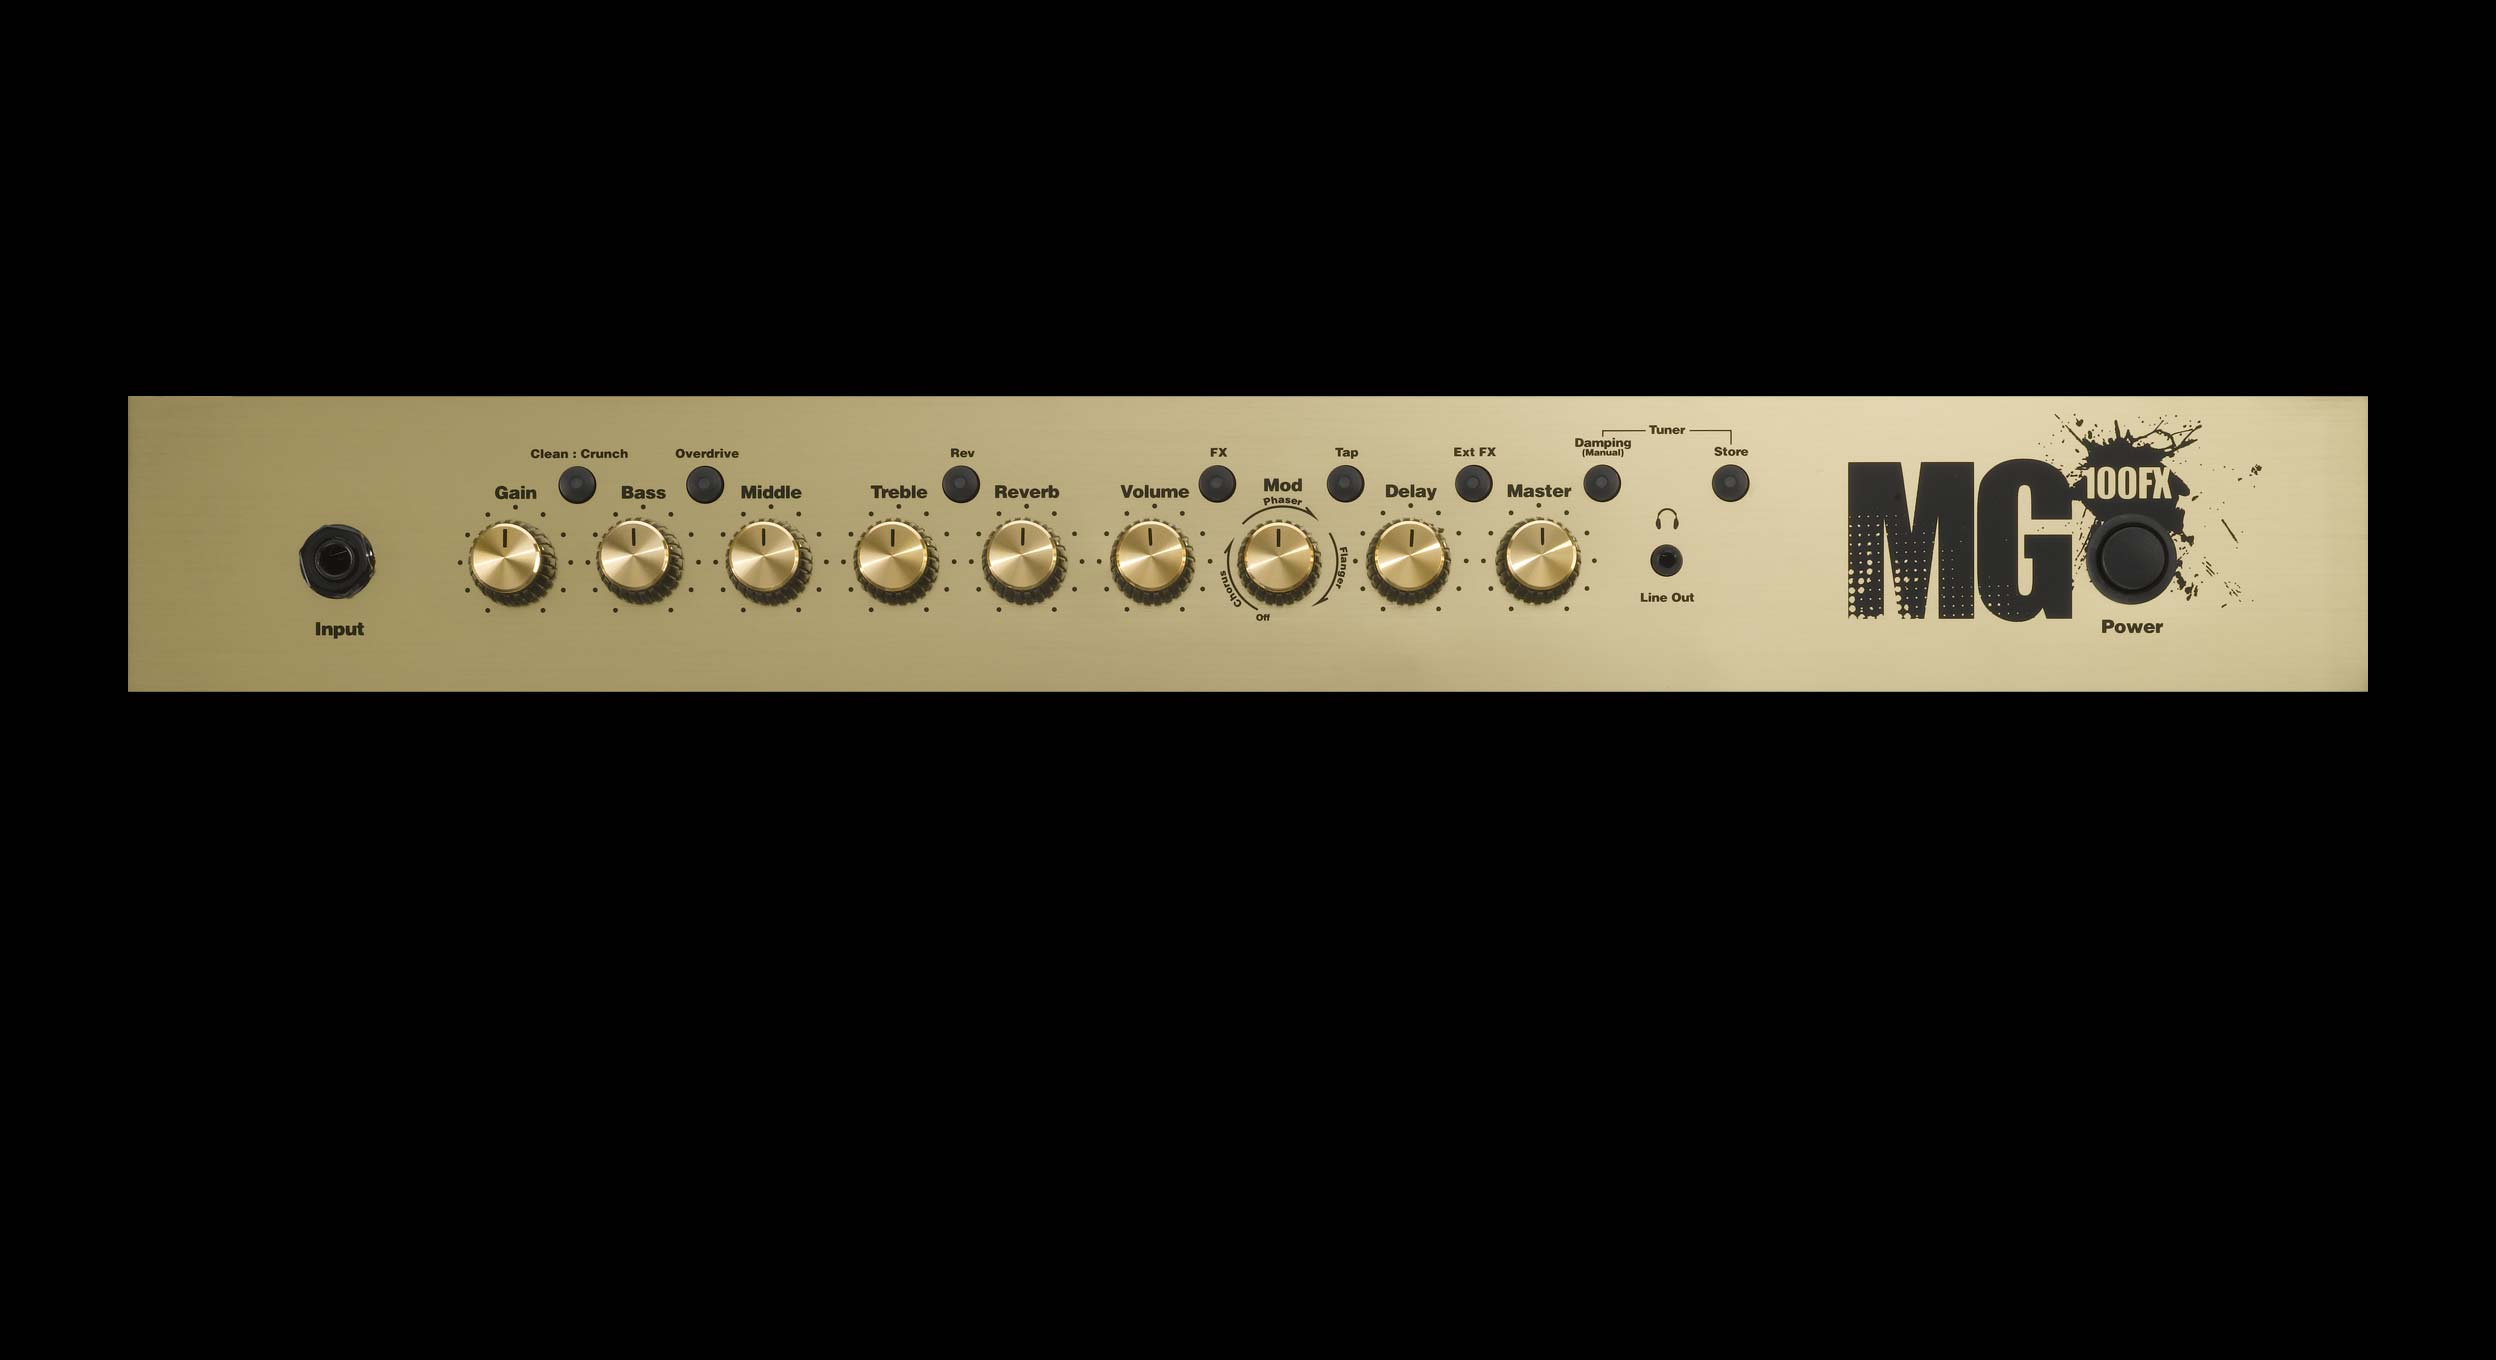 marshall mg manual